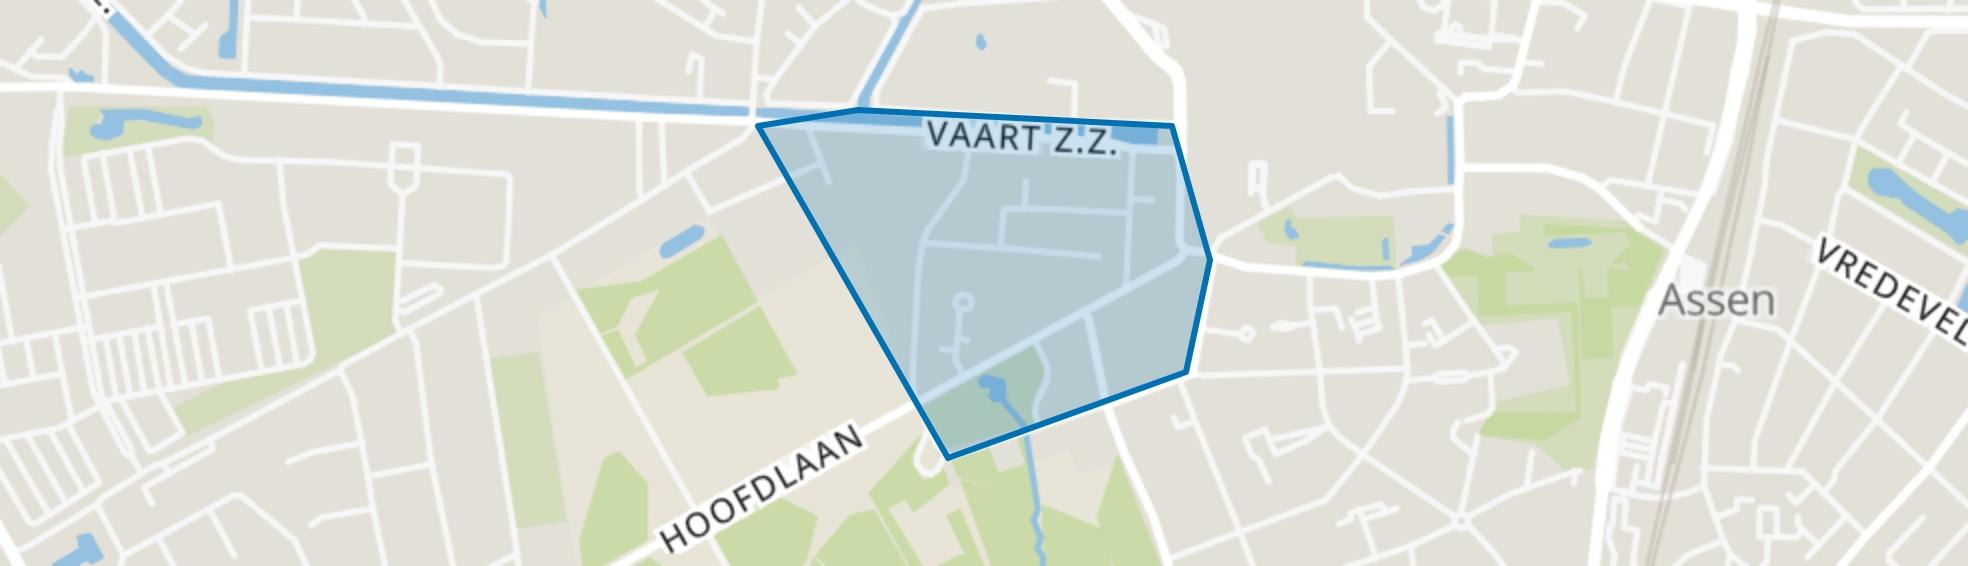 De Hertenkamp, Assen map